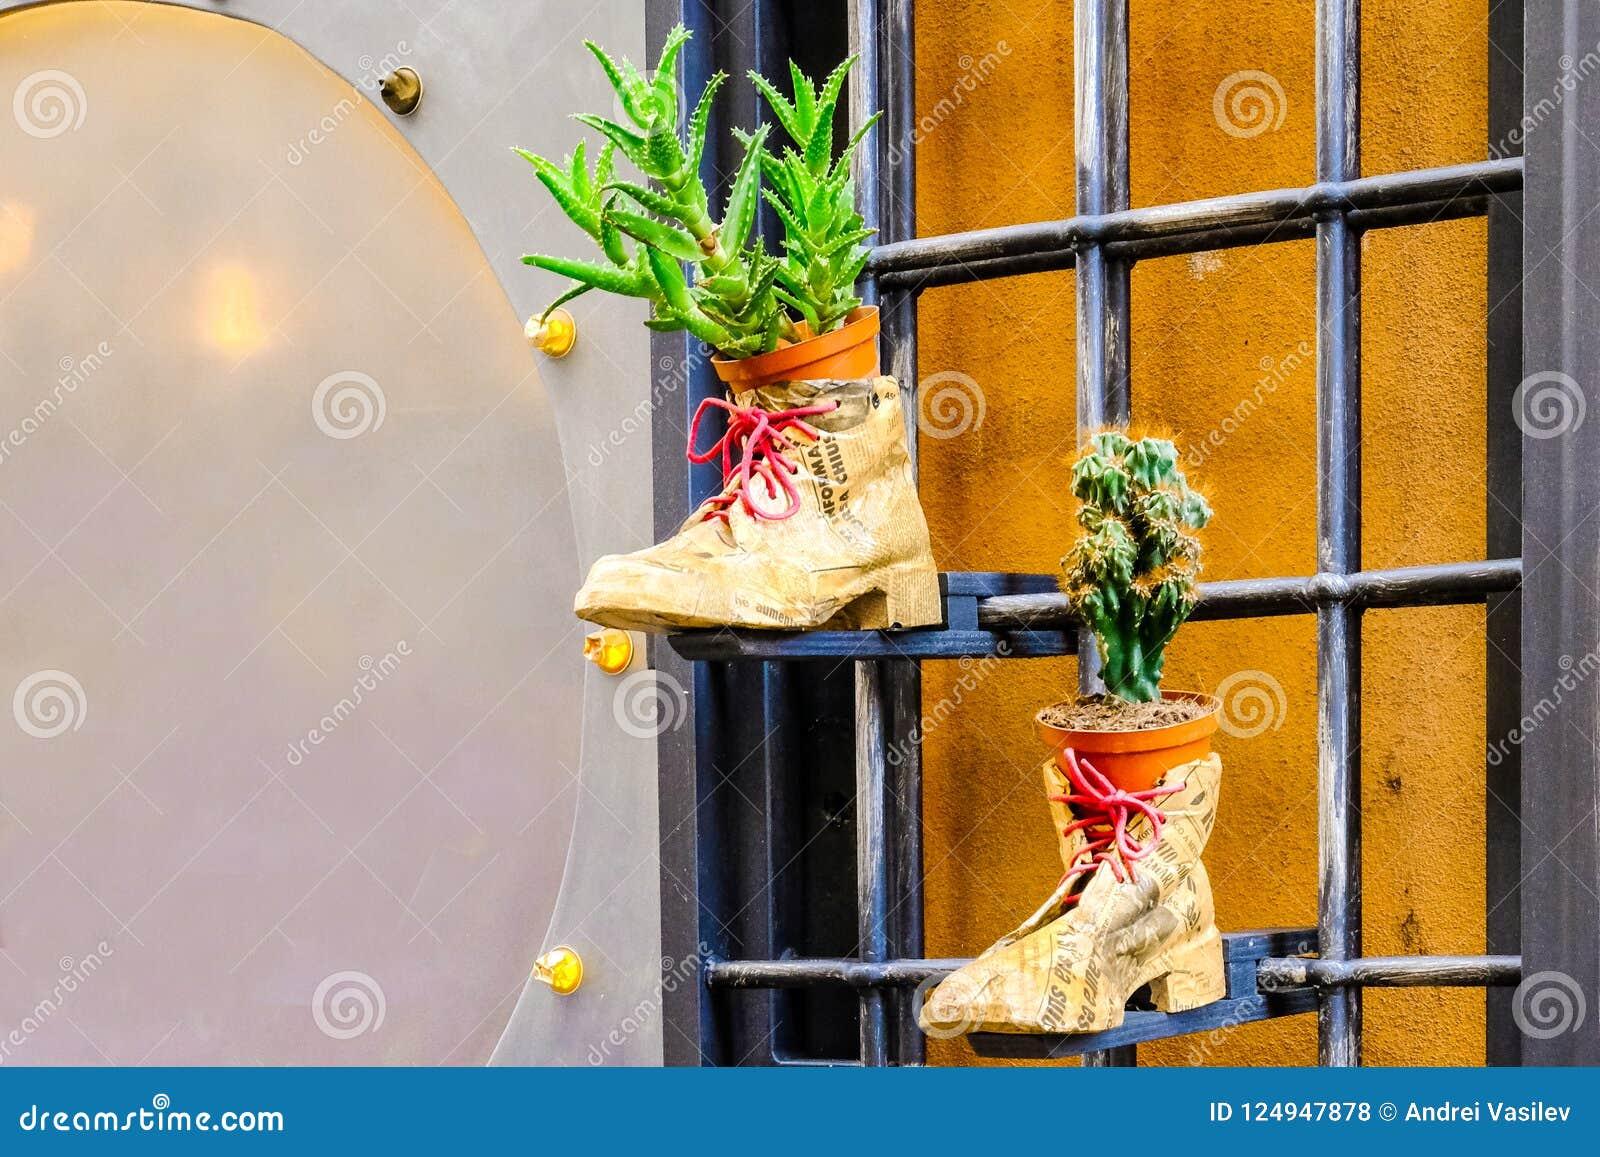 Bloempotten in schoenen in een oude krant worden verpakt die op een rooster hangen dat